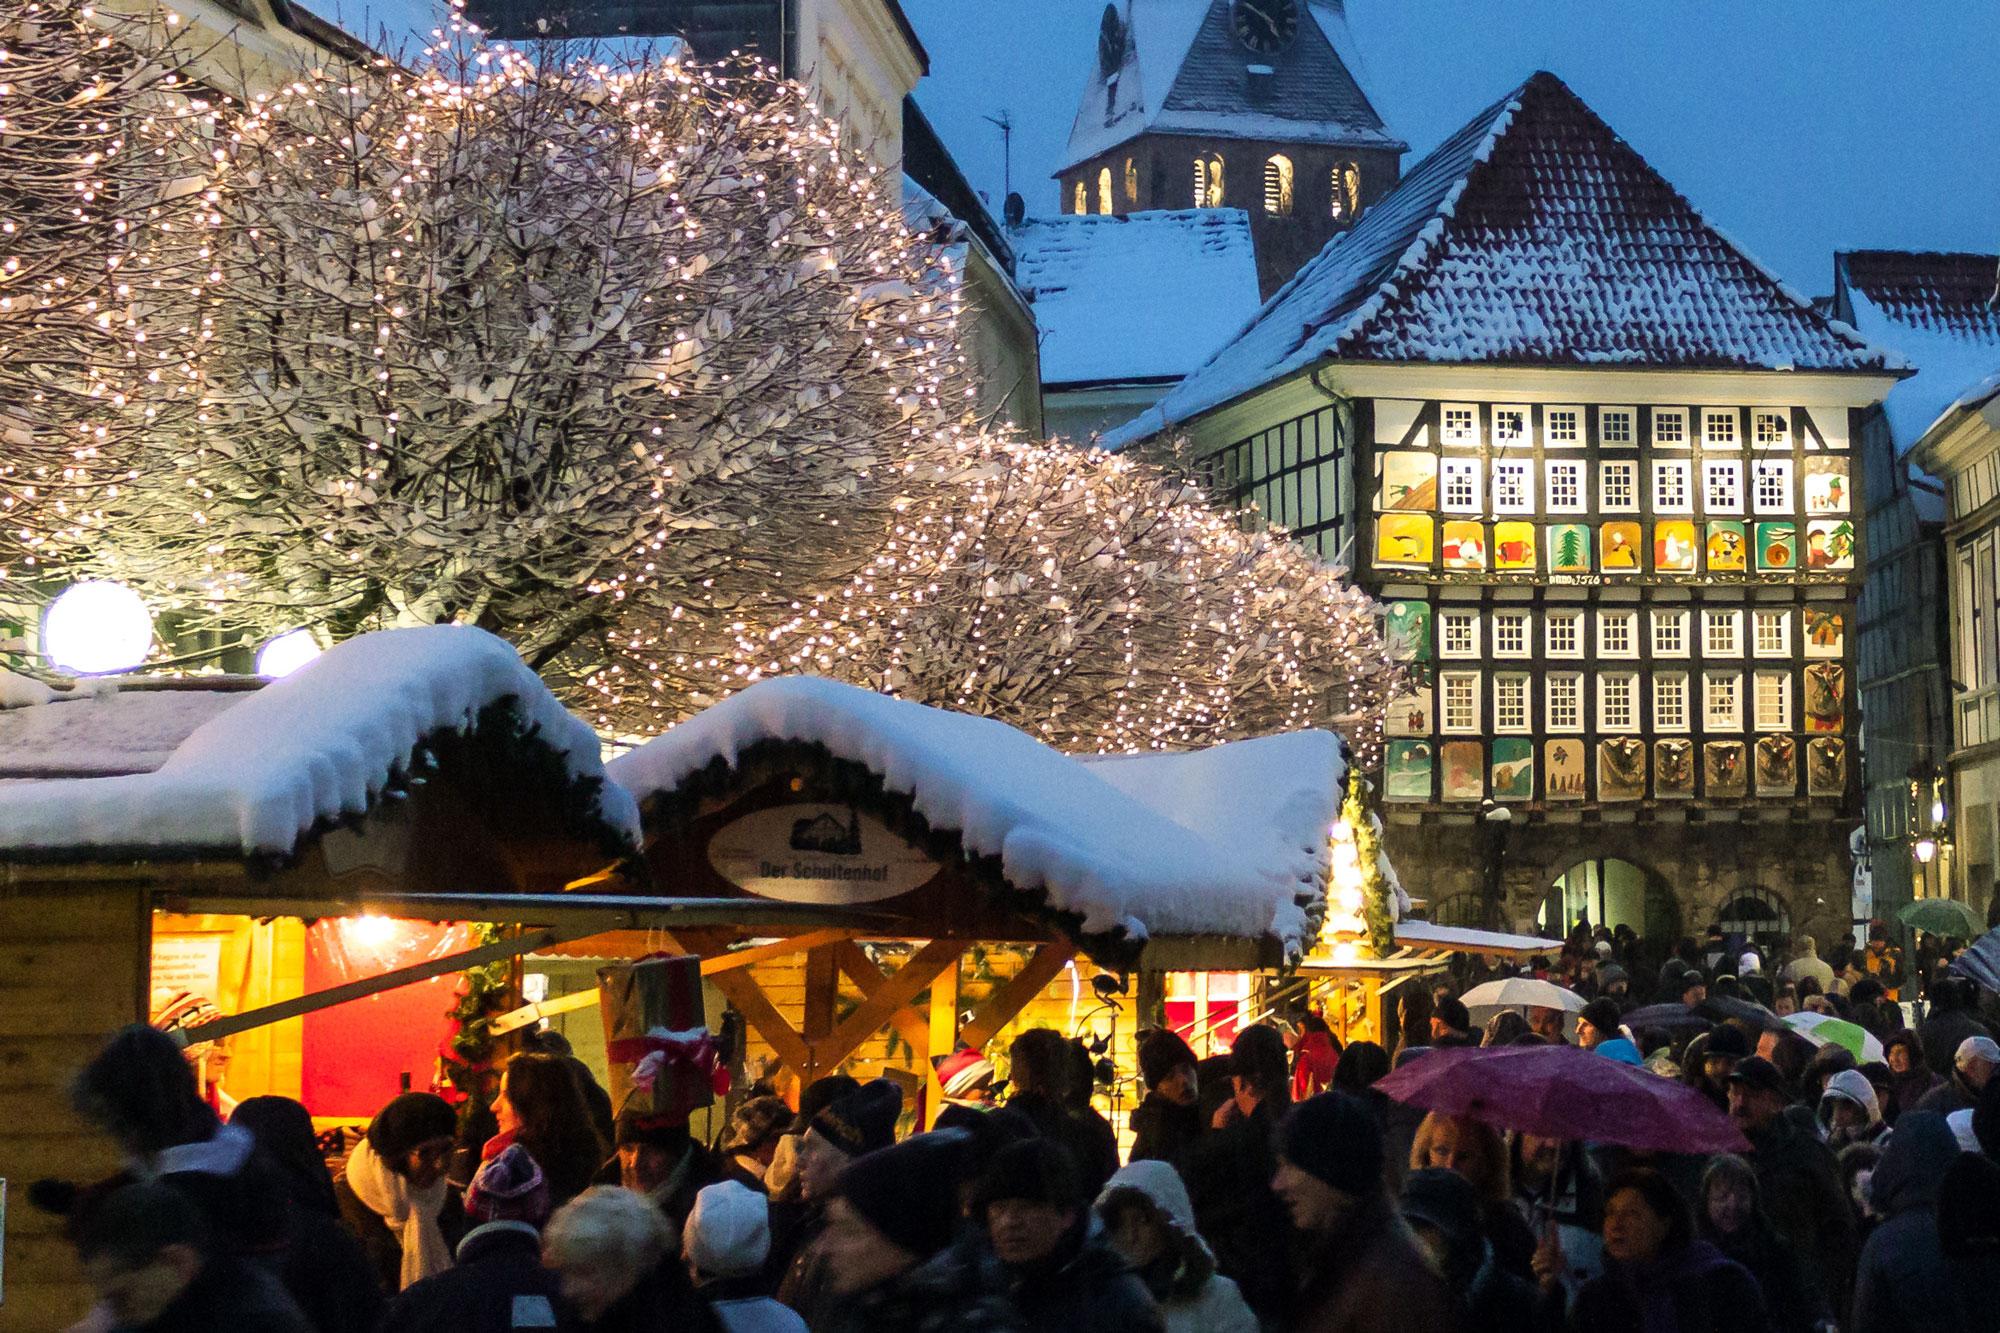 Advent 2017 Adventska putovanja u bolje danas adventski kalendar Hattingen